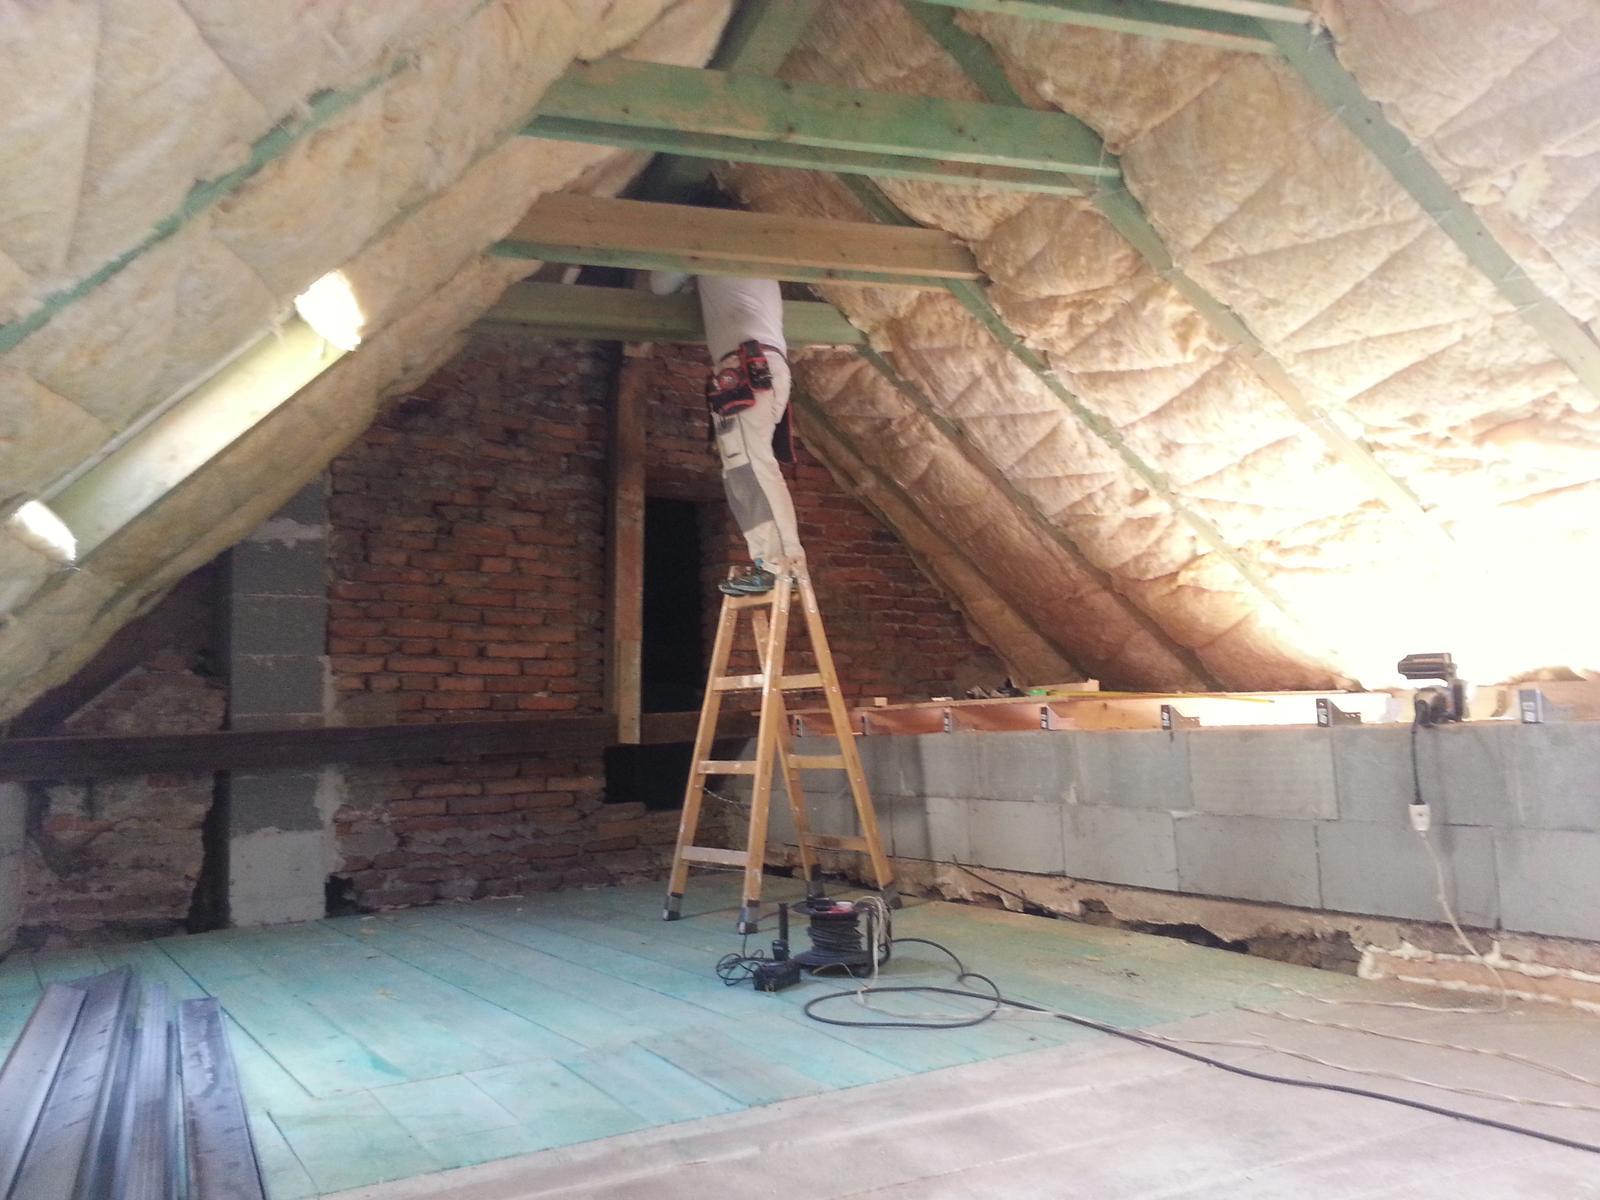 Rekonstrukcia podkrovia - Obrázok č. 9